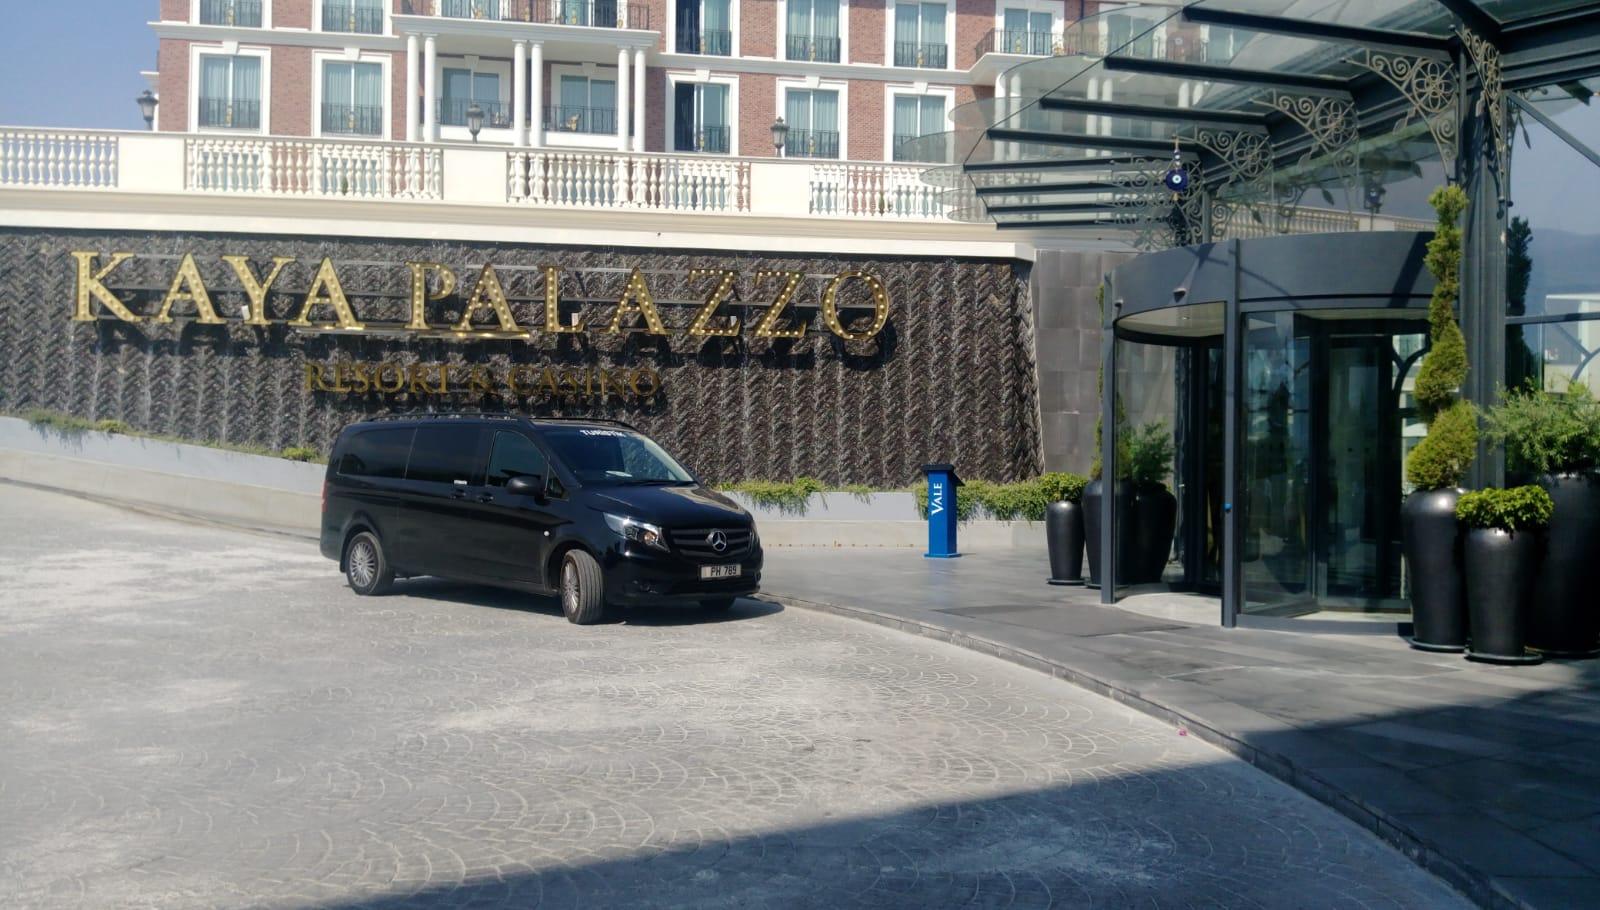 Kaya-palazzo-vito-transfer